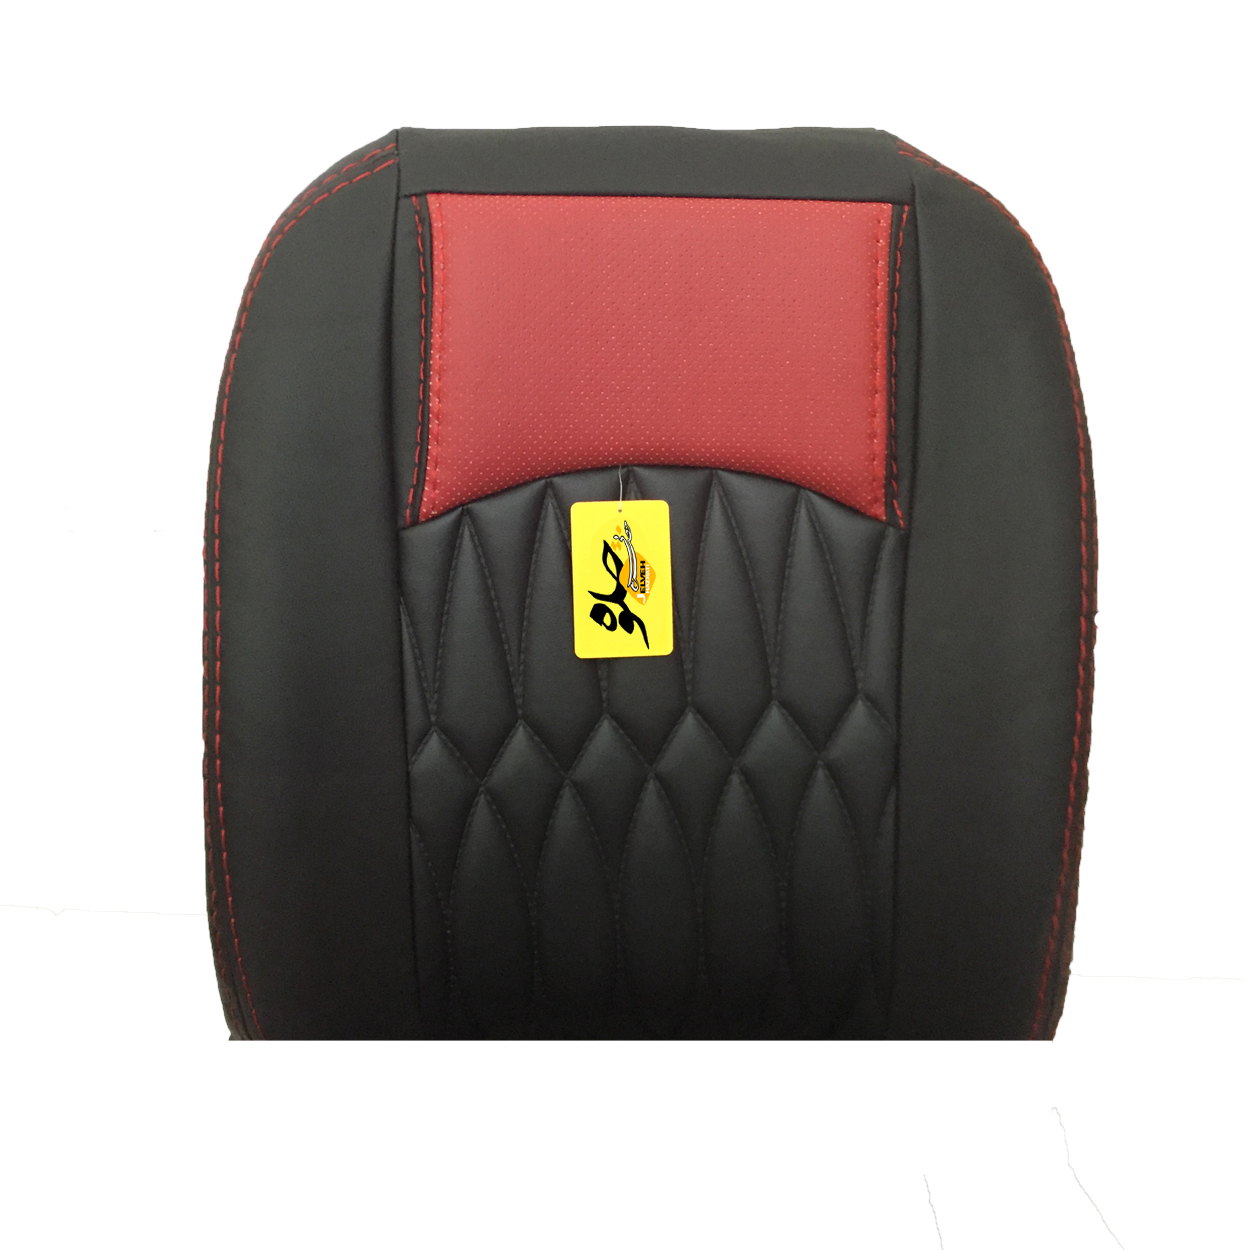 روکش صندلی خودرو جلوه مدل pr14 مناسب برای تیبا